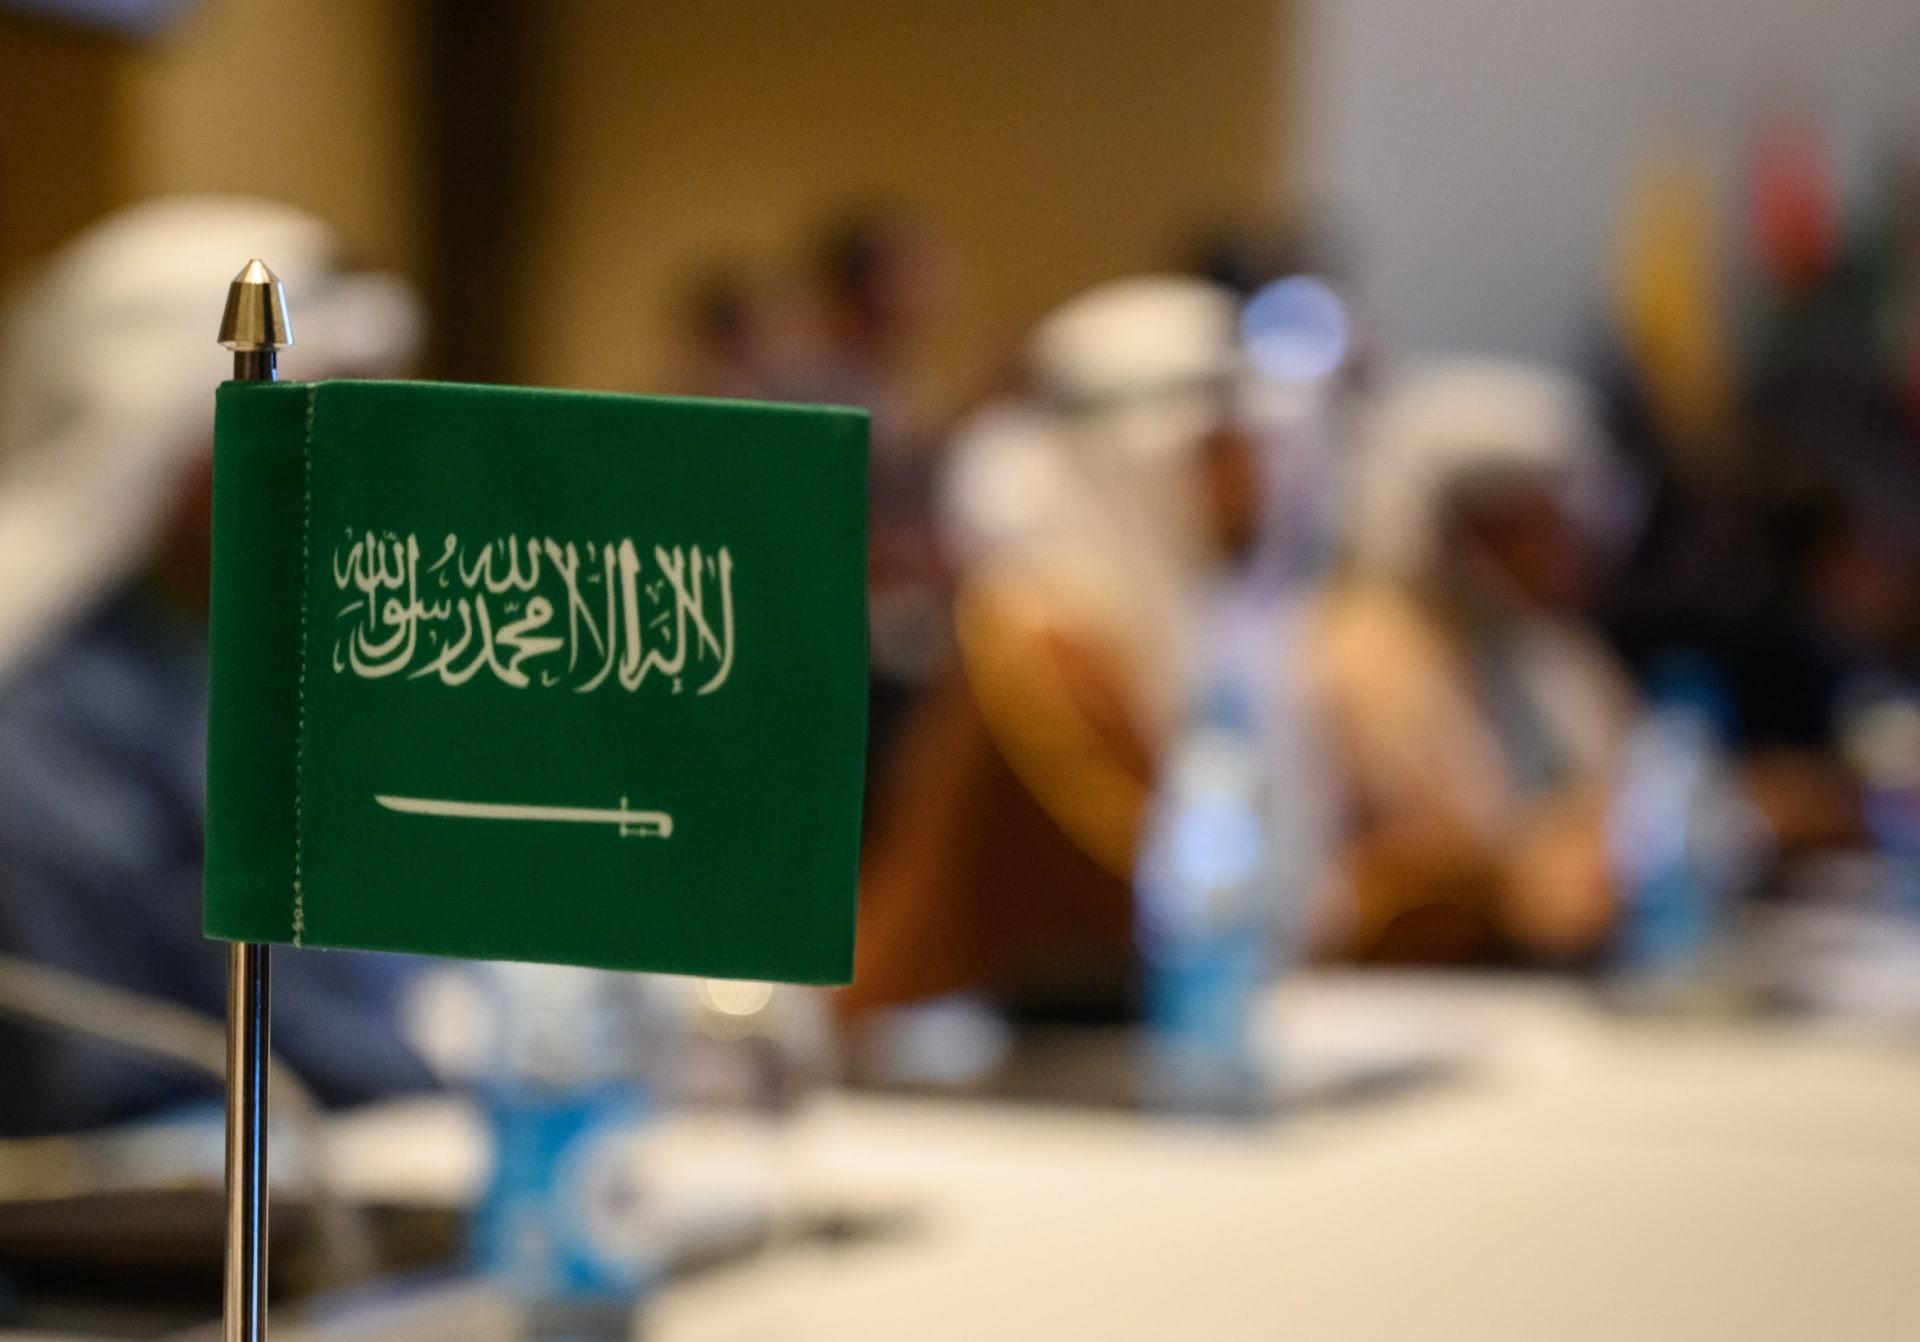 صورة ارشيفية للعلم السعودي بأحد الاجتماعات الرسمية